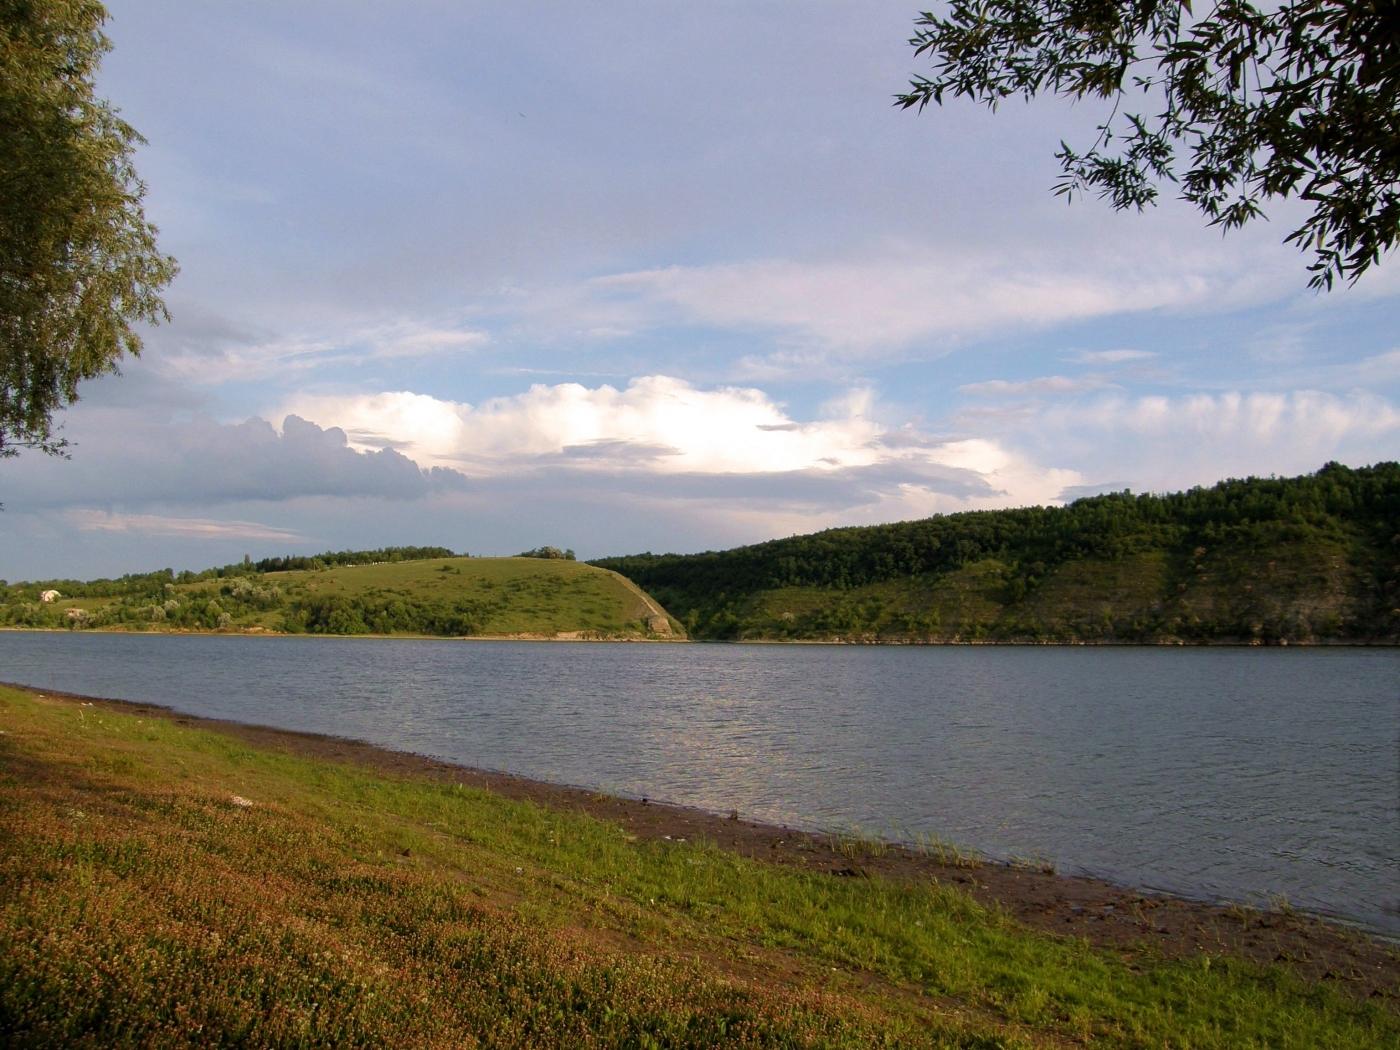 25137 скачать обои Пейзаж, Река, Трава, Облака - заставки и картинки бесплатно